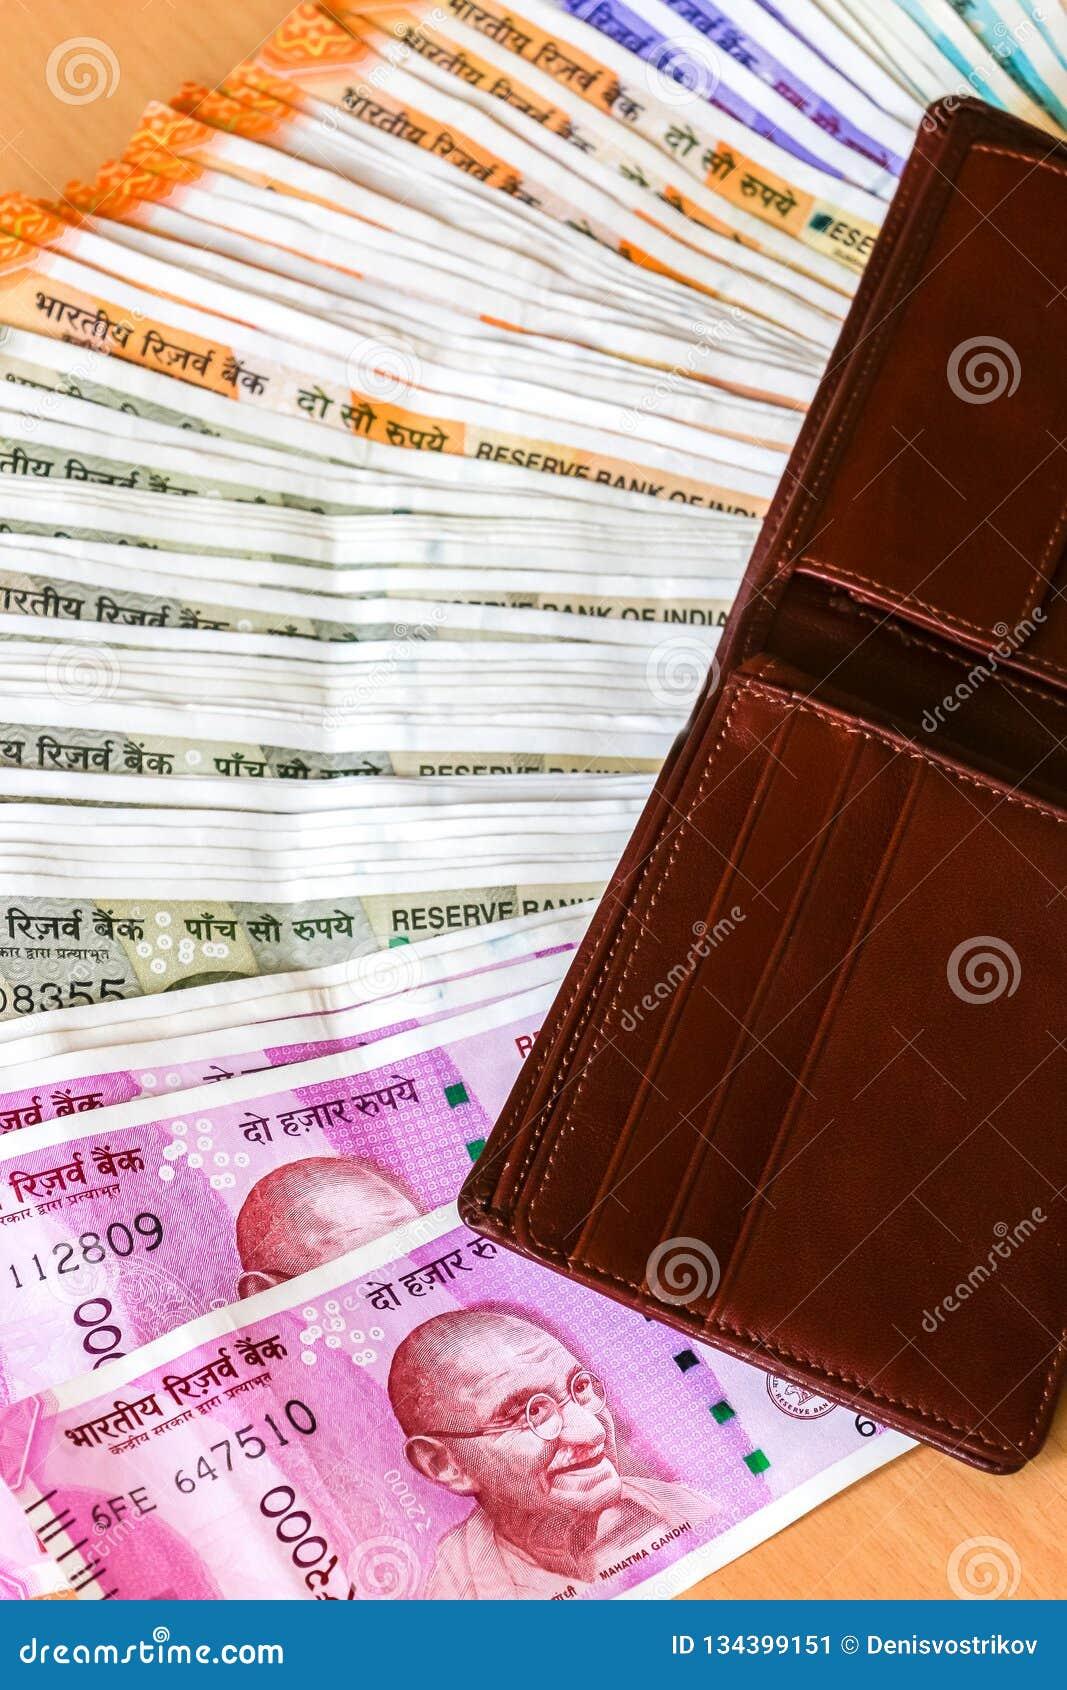 Cartera de cuero con el indio a estrenar 10, 50, 100, 200, 500, 2000 rupias de billetes de banco